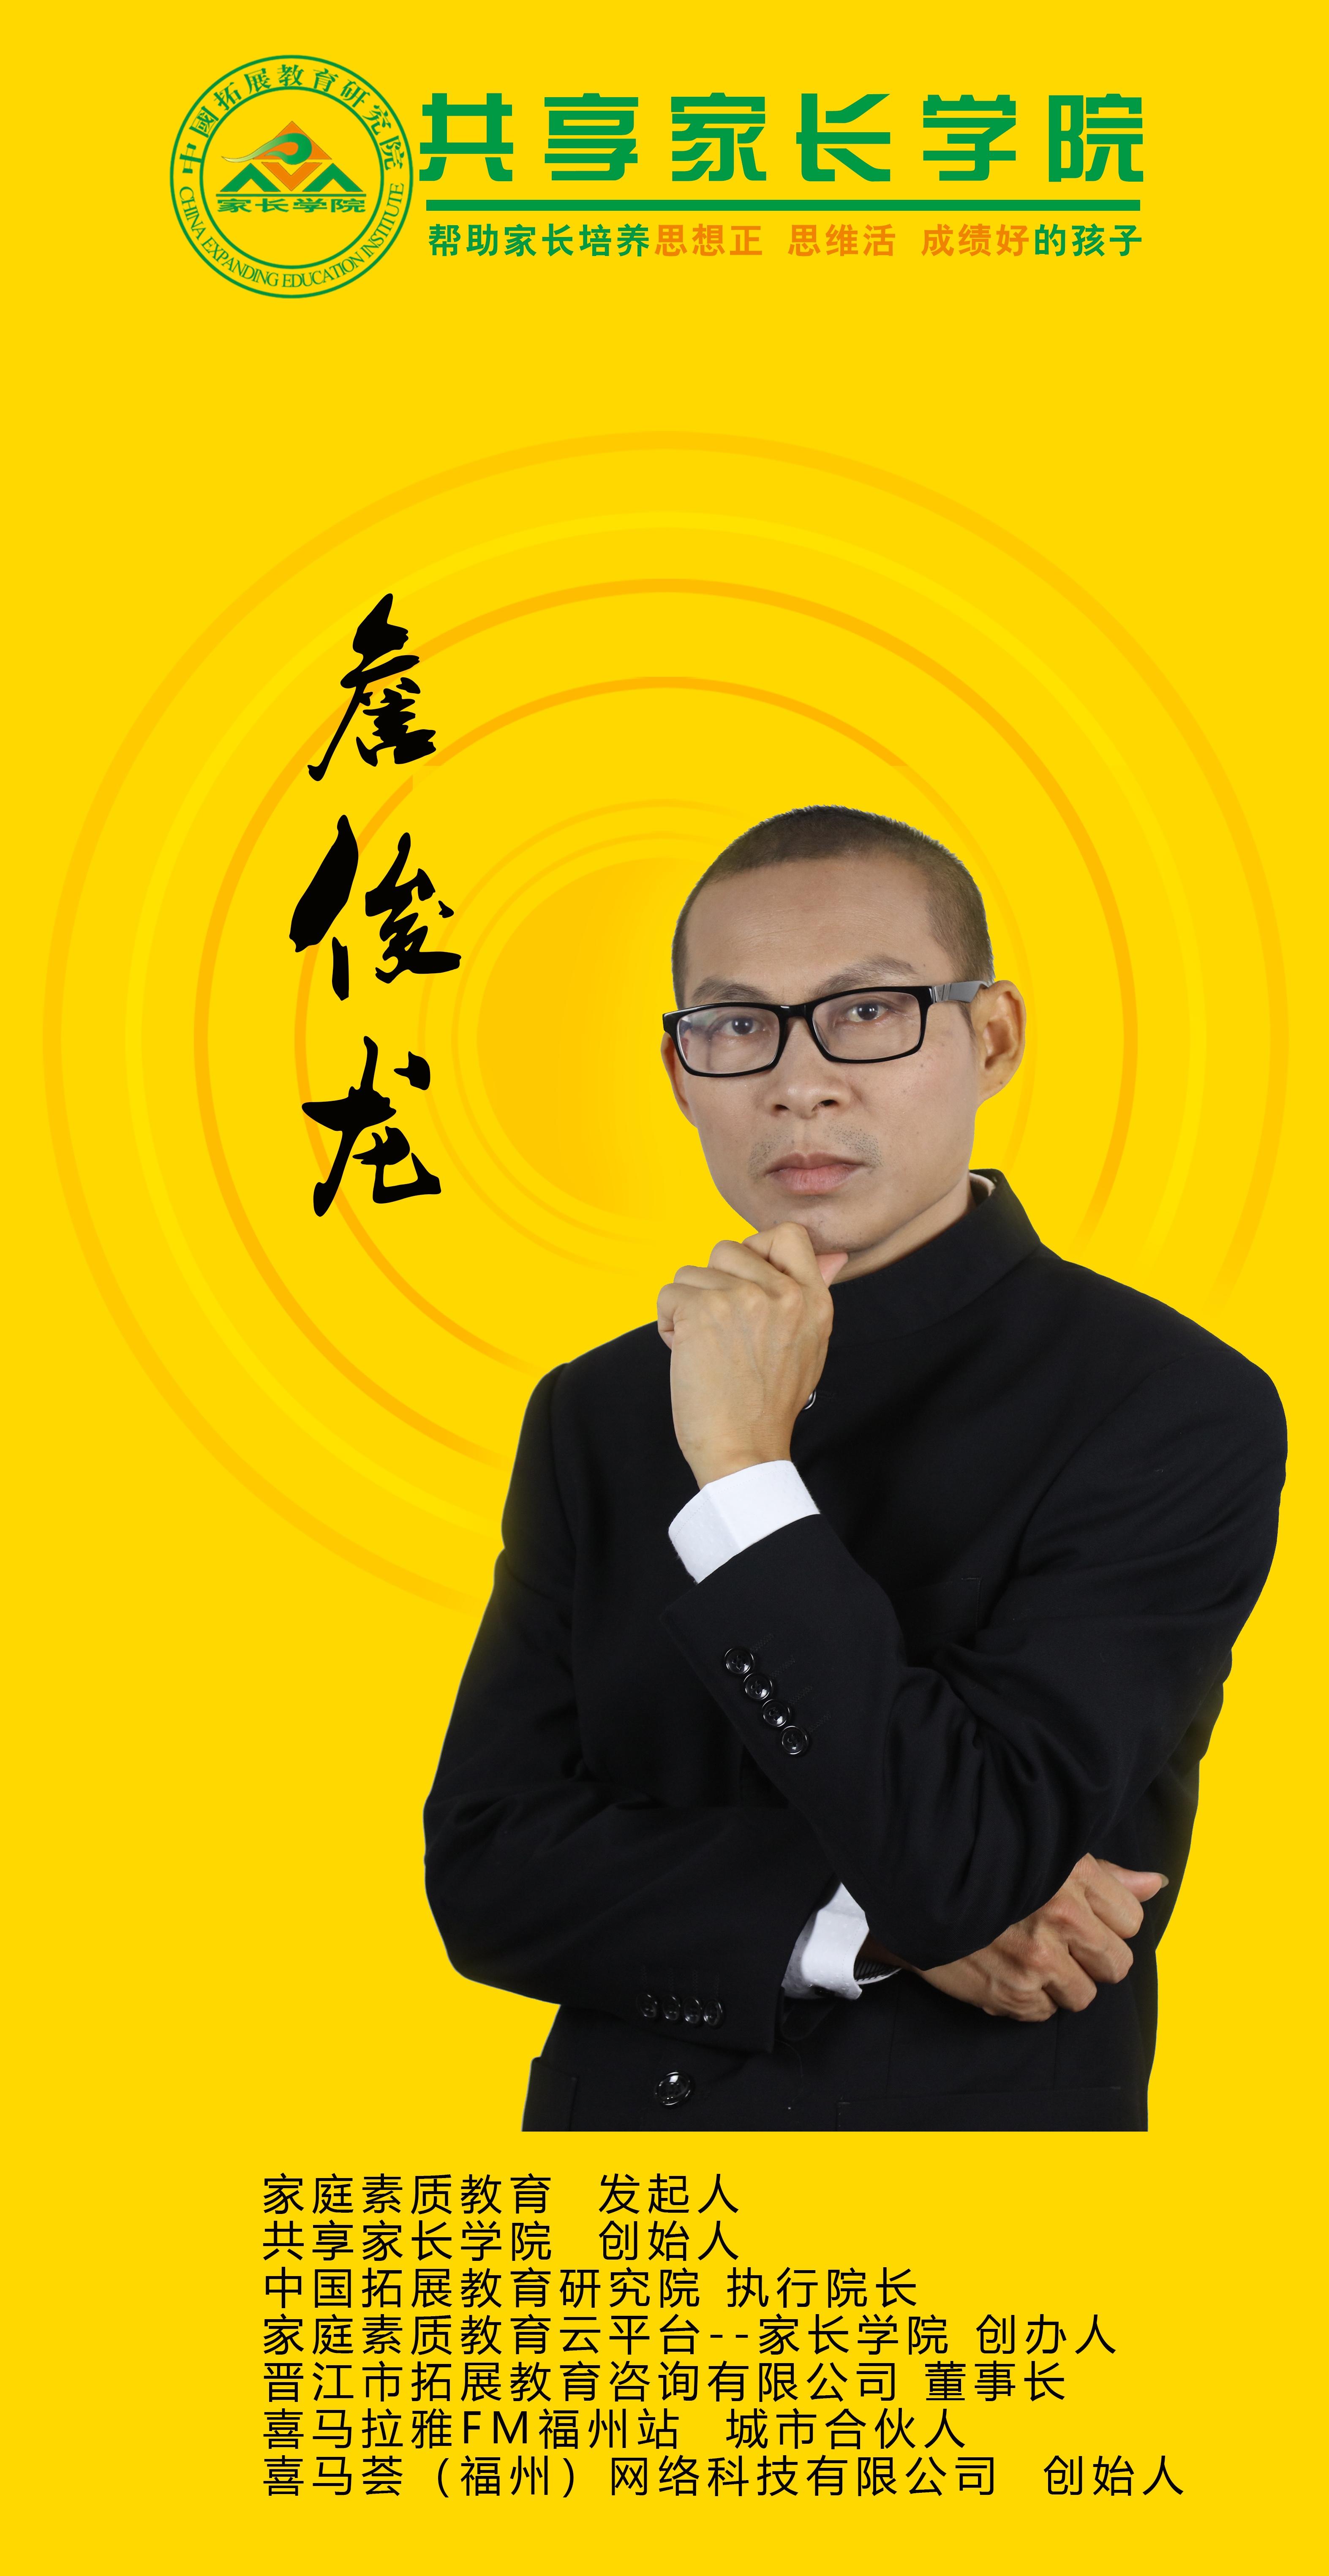 创始人詹俊龙.jpeg